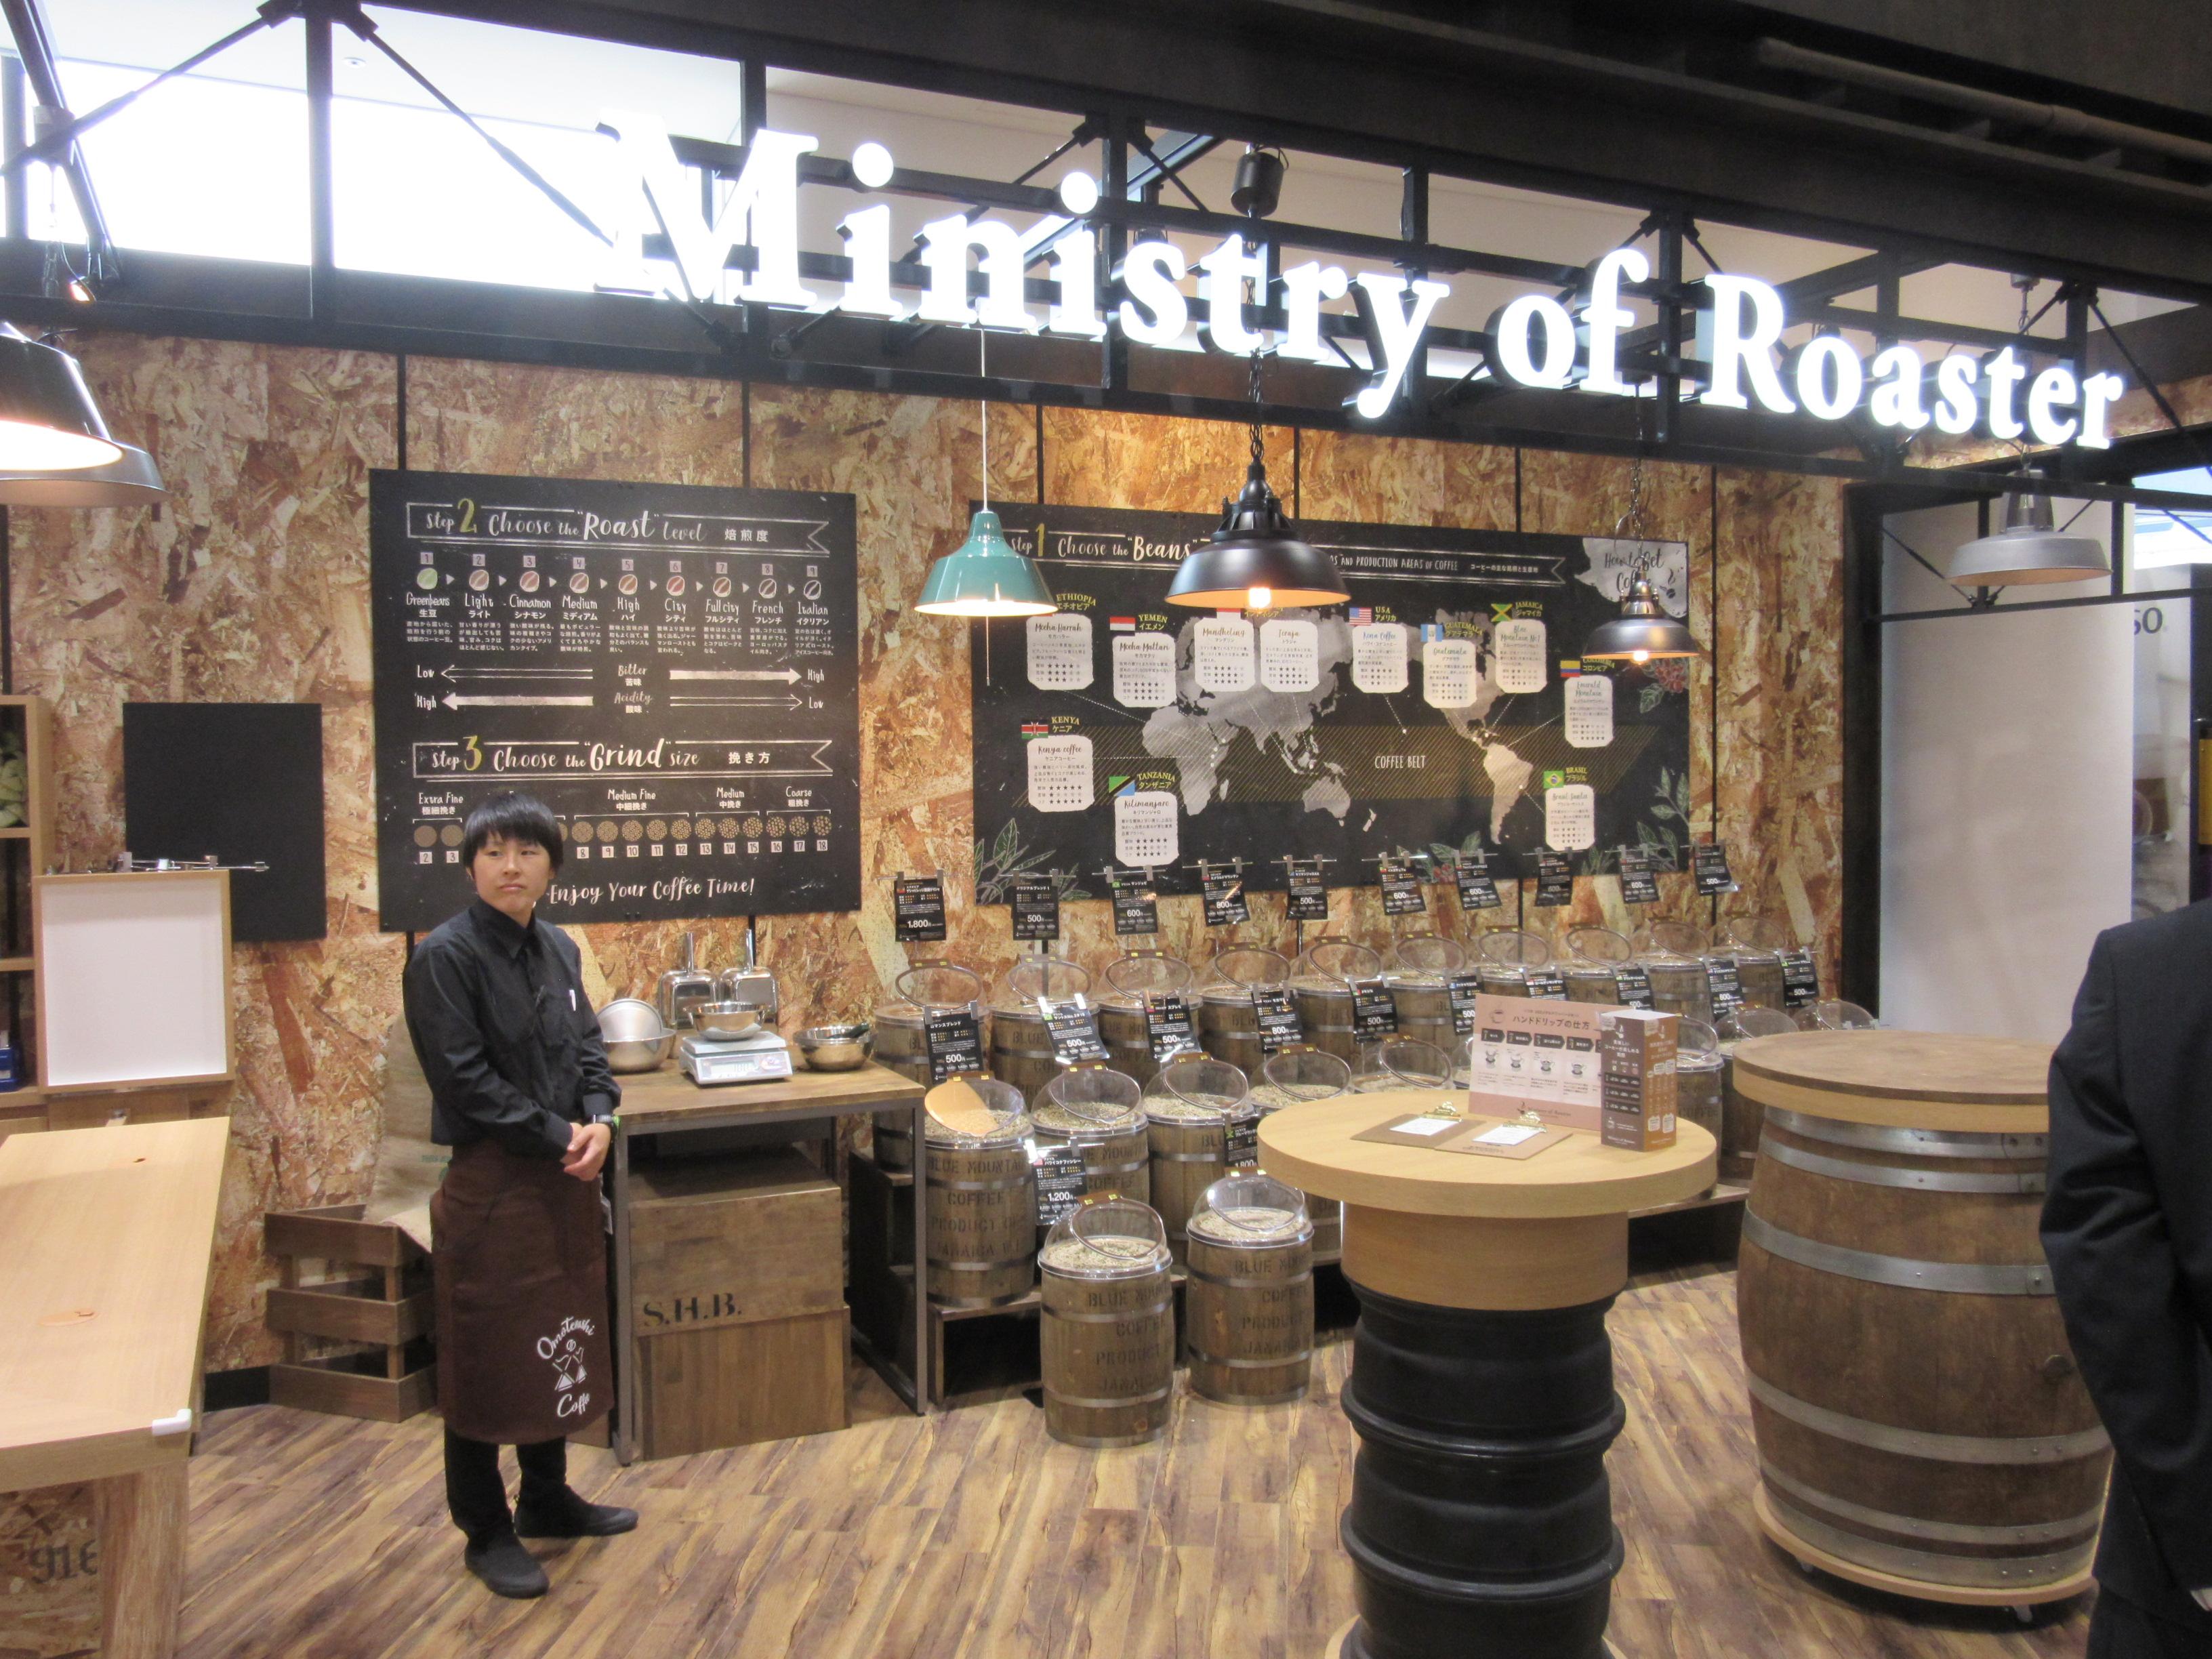 はじめて導入した焙煎コーナーでは、お客の好みで生豆と焙煎パターンを選べる